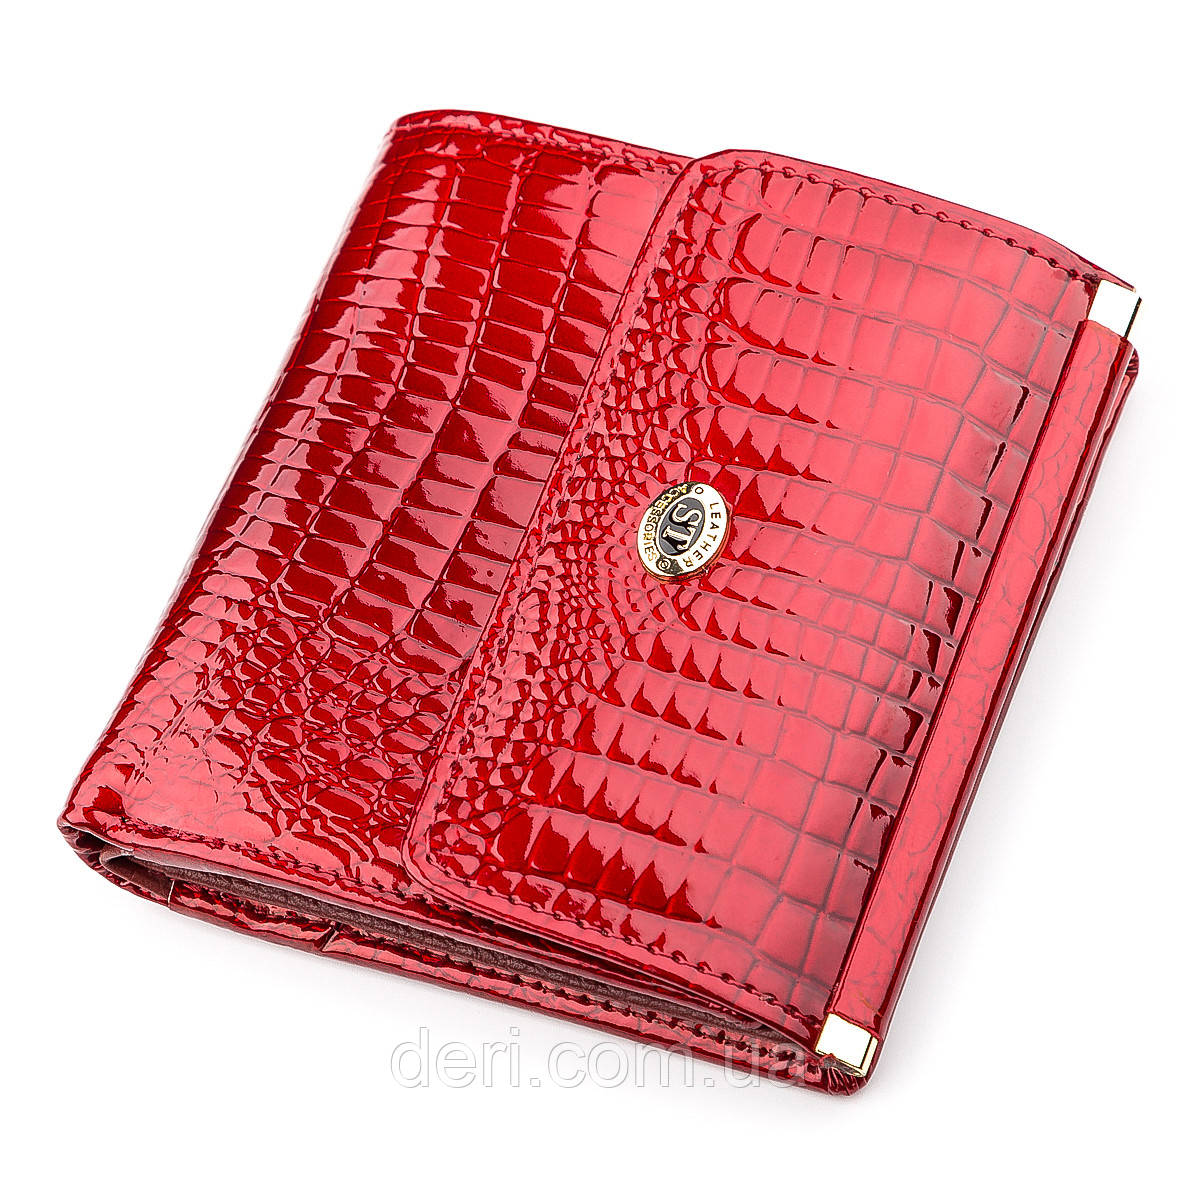 Гаманець жіночий дуже красивий червоний